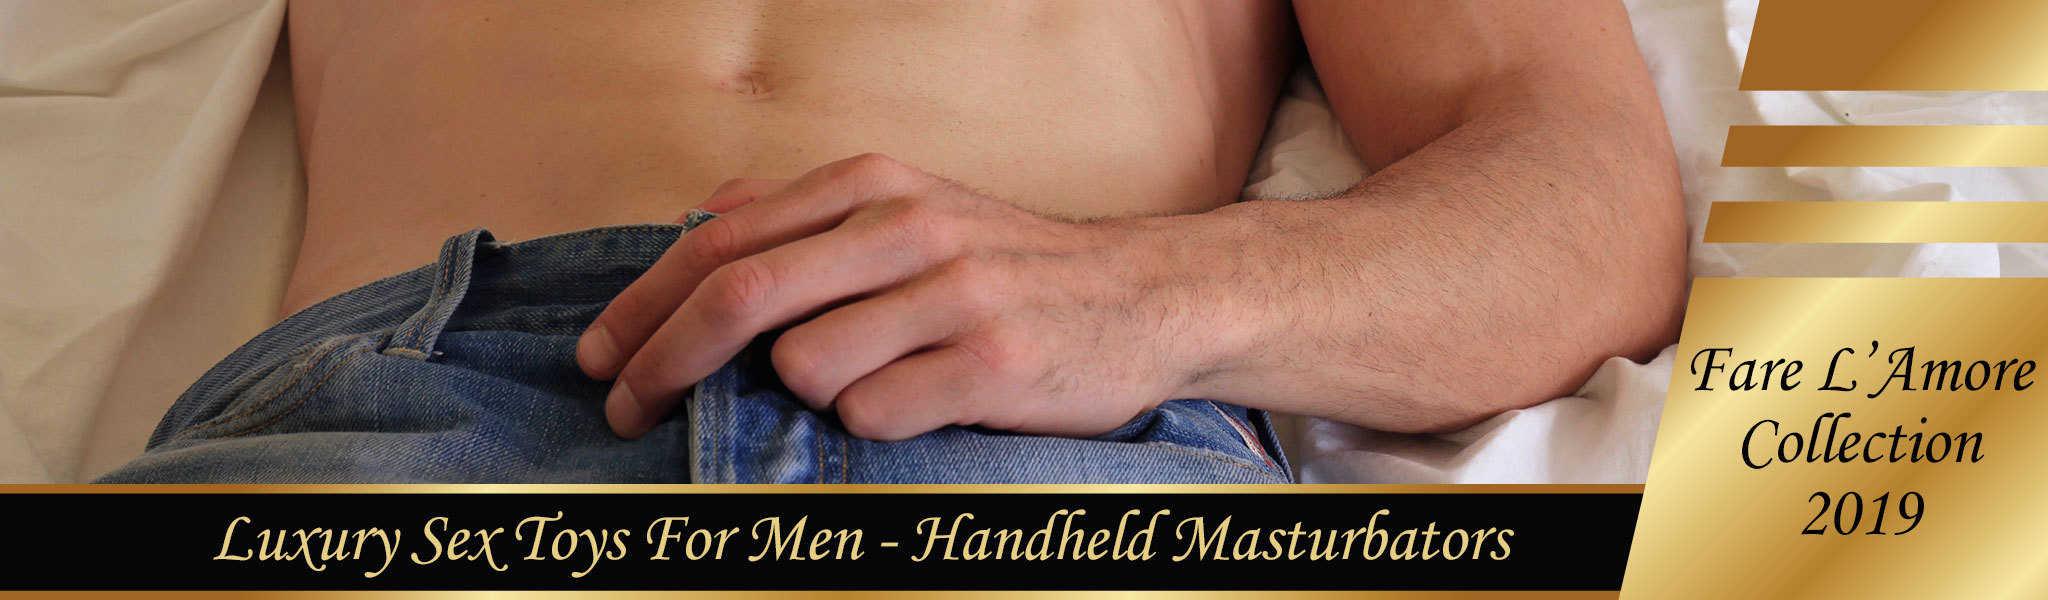 Handheld Masturbators | Sex Toys For Men